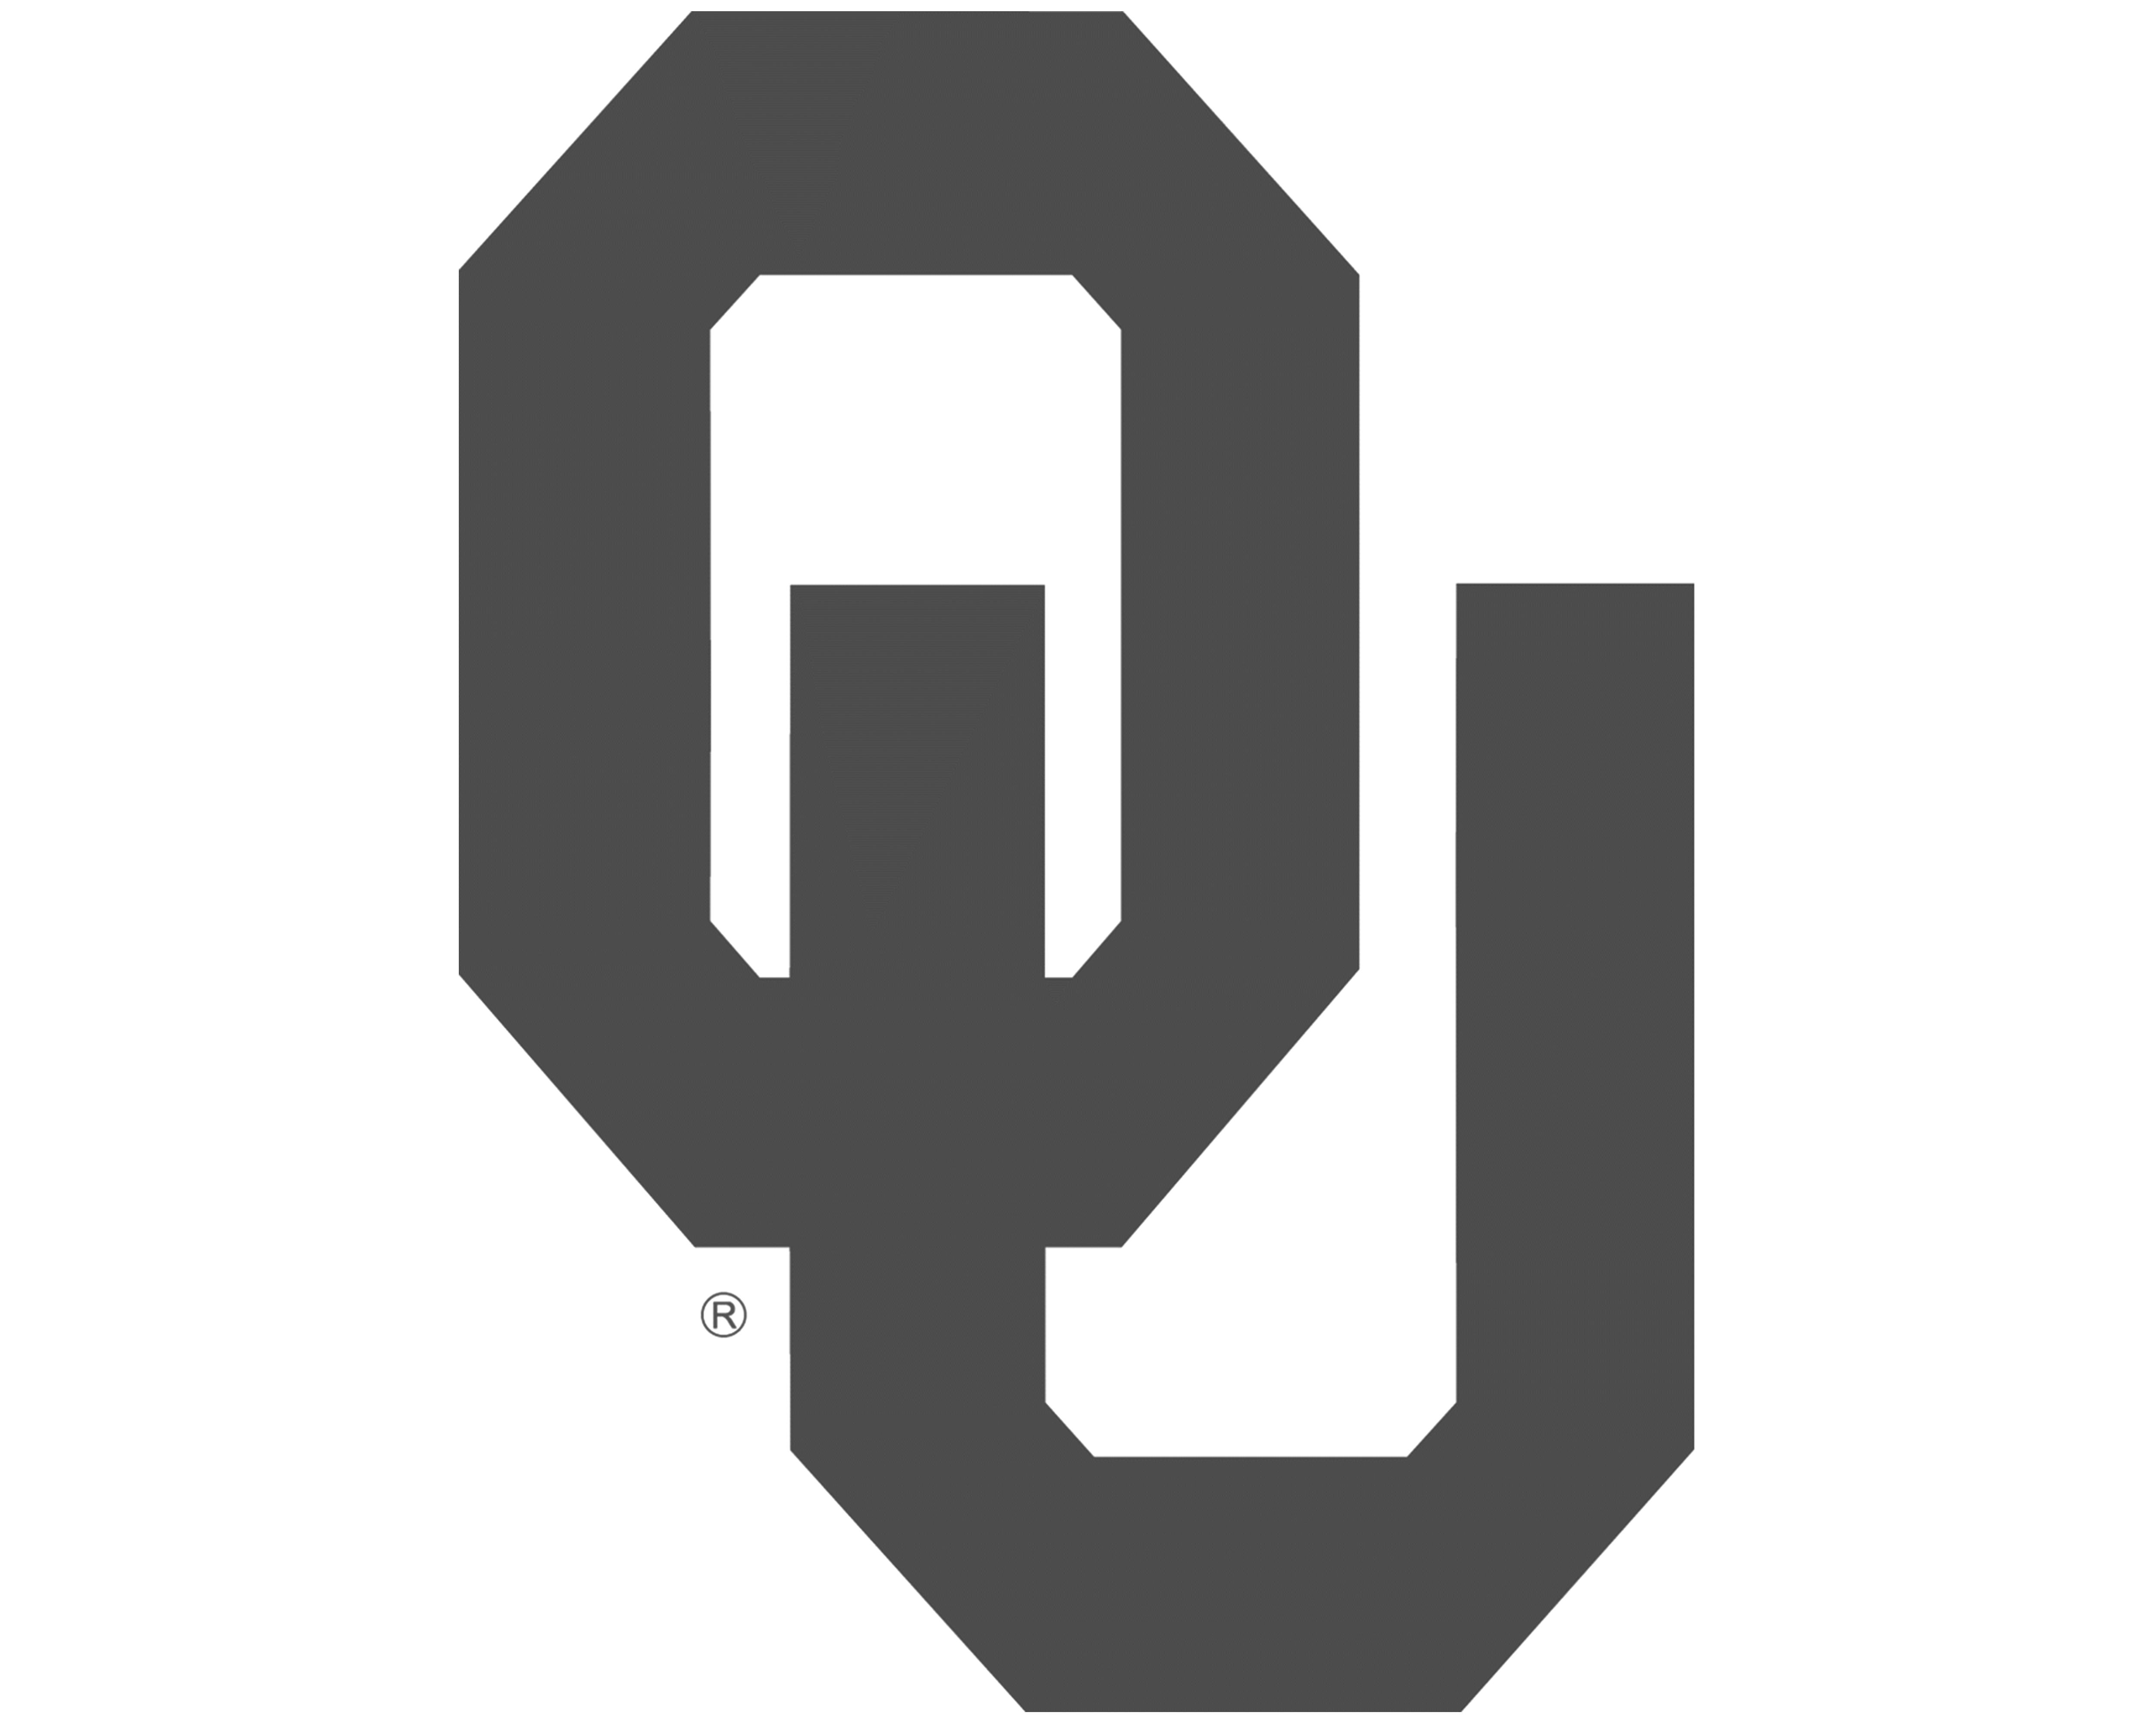 Logos-OU-Sized